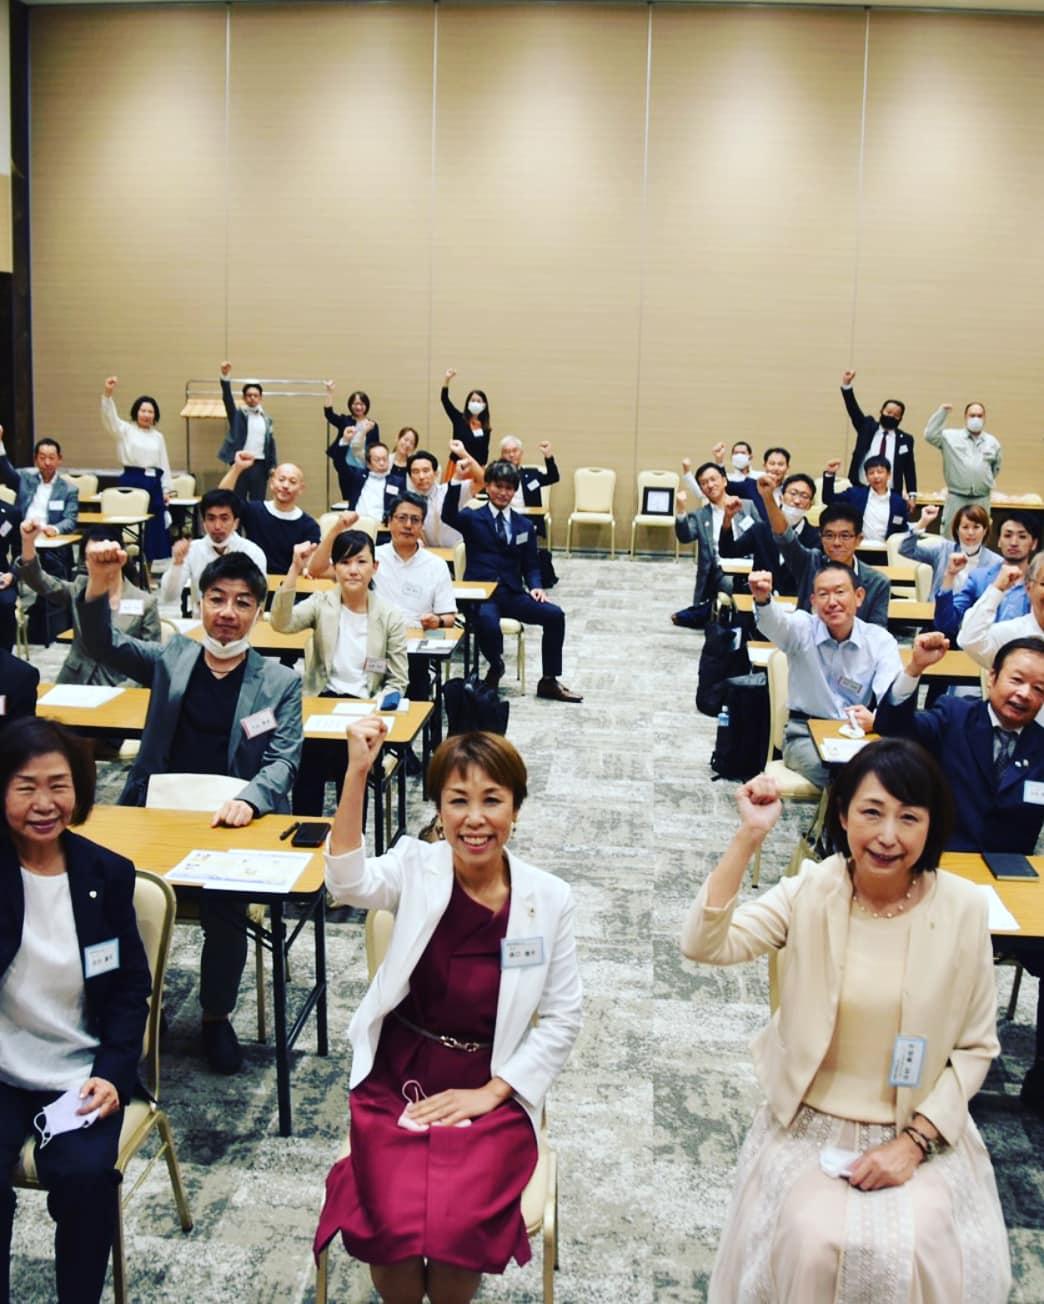 高槻市倫理法人会は9月より新体制での活動が始まります。私も幹事として大阪府の女性委員会のメンバーとなり、学びの場を頂きました💐またMSの輪読で登壇します🎶